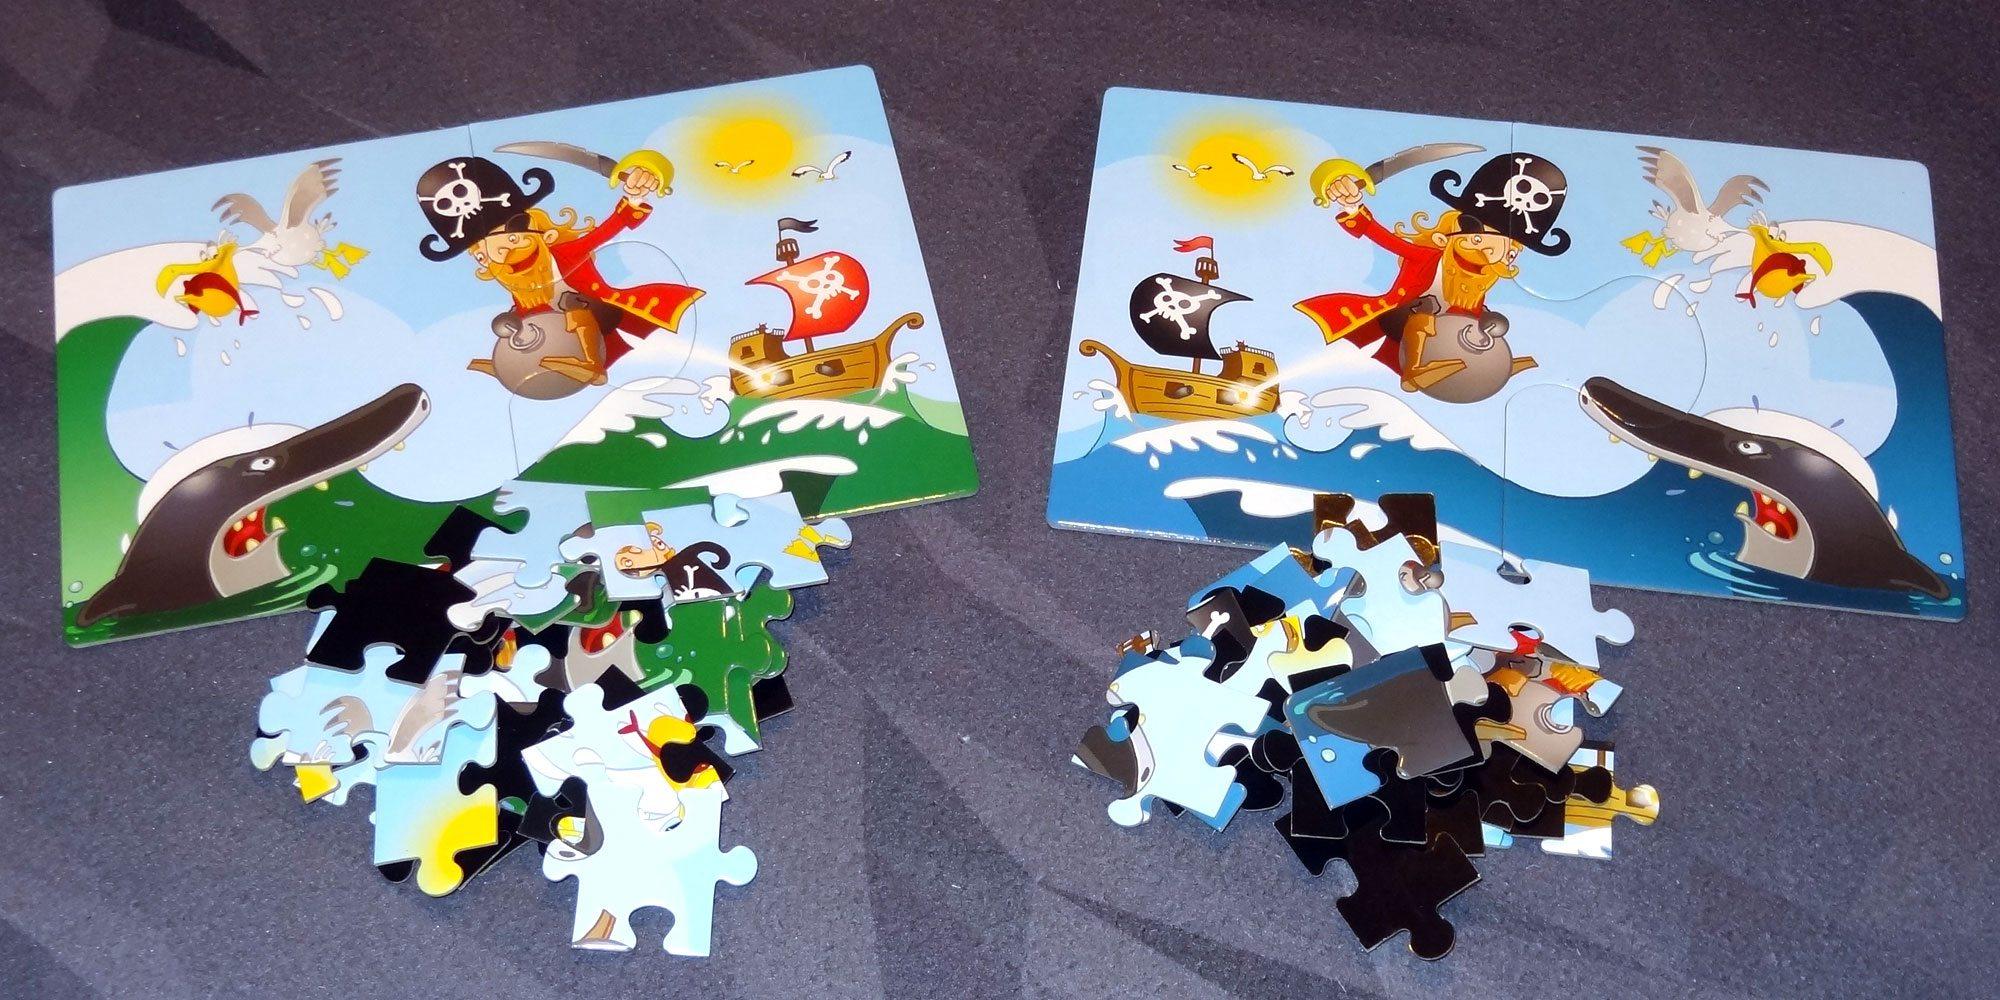 Puzzle Battle components